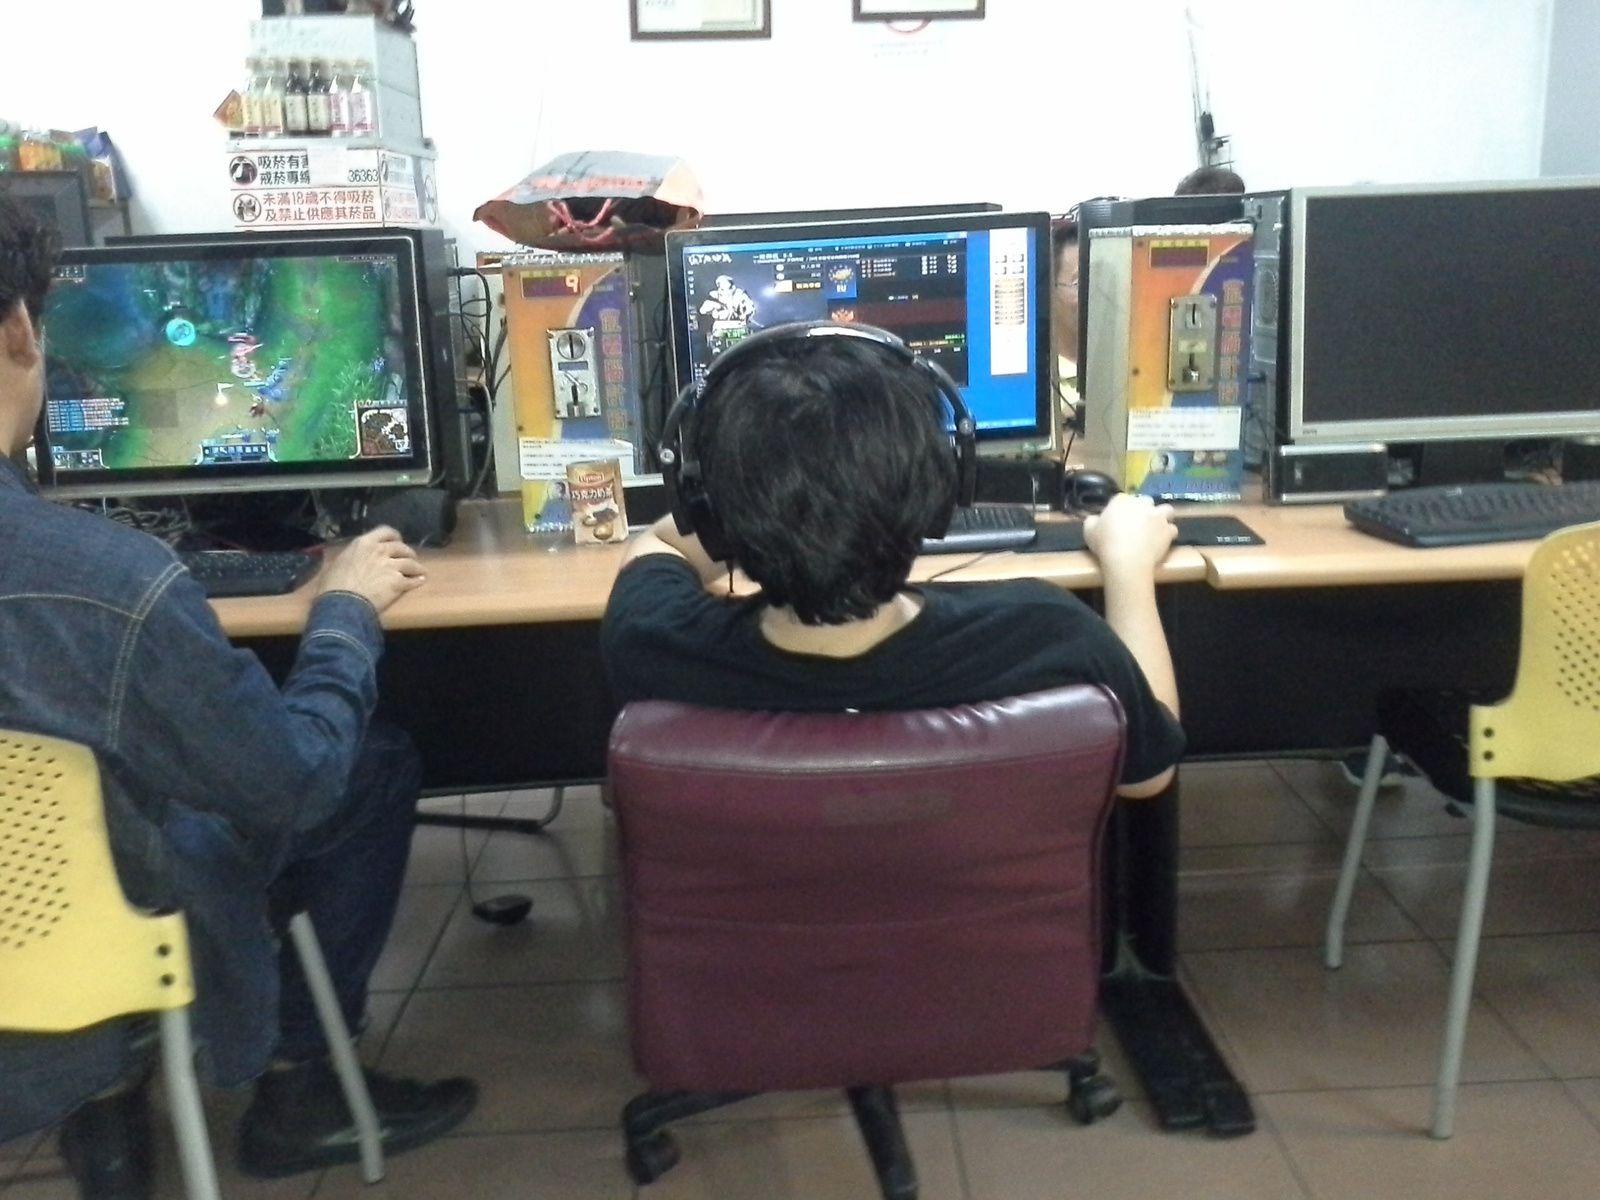 resto qui est aussi une salle de jeux videos...